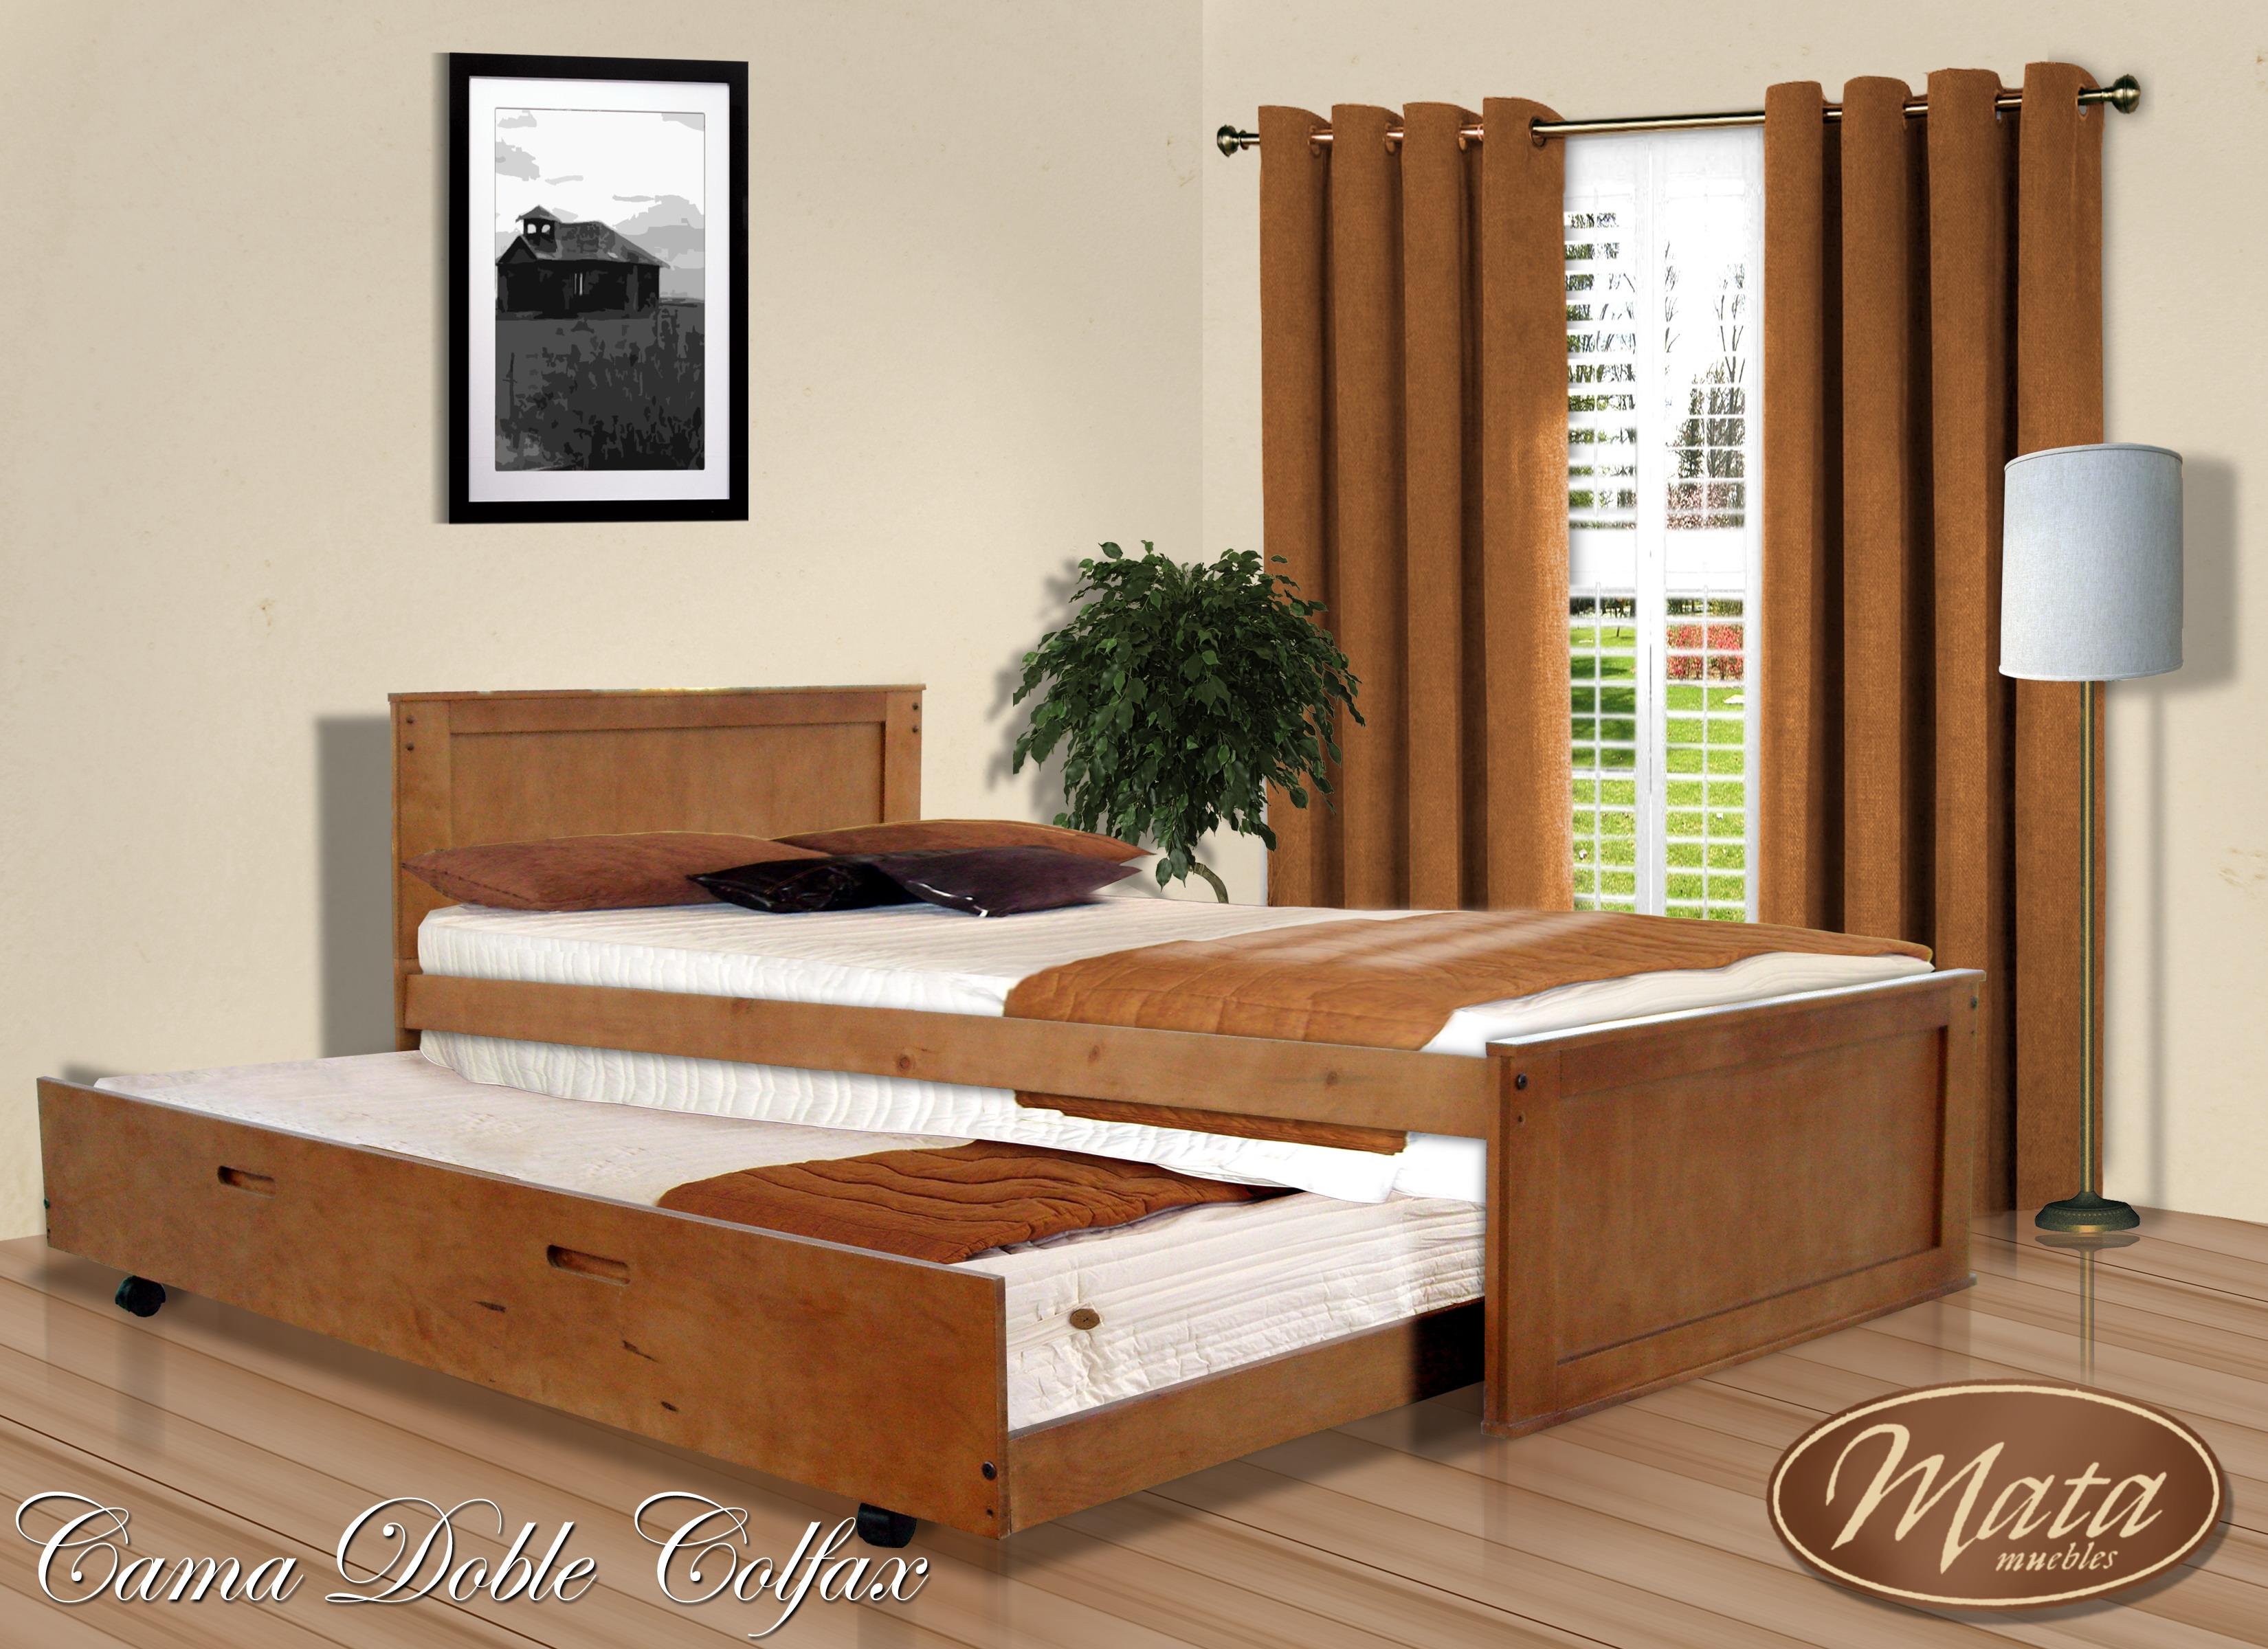 En la cama con dos maromos - 3 part 10